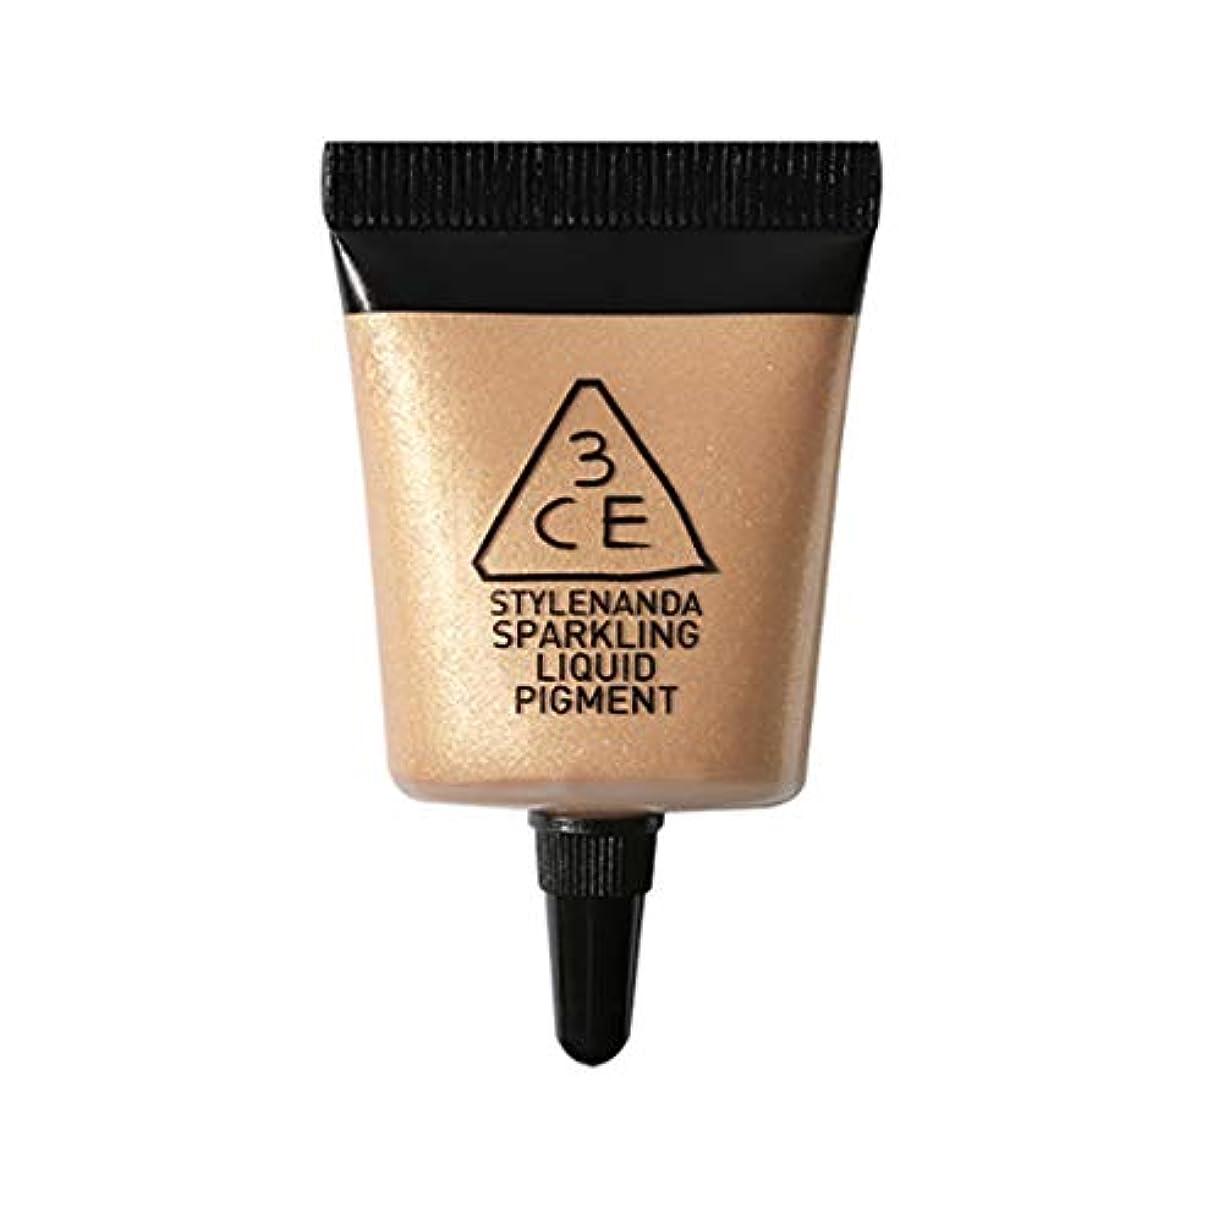 百年ジュラシックパーク血まみれの[3CE] スパークリング リキッド ピグメント #(Glory) アイシャドー Sparkling Liquid Pigment - Glow Liquid Glitter Eyeshadow Korean Cosmetics...